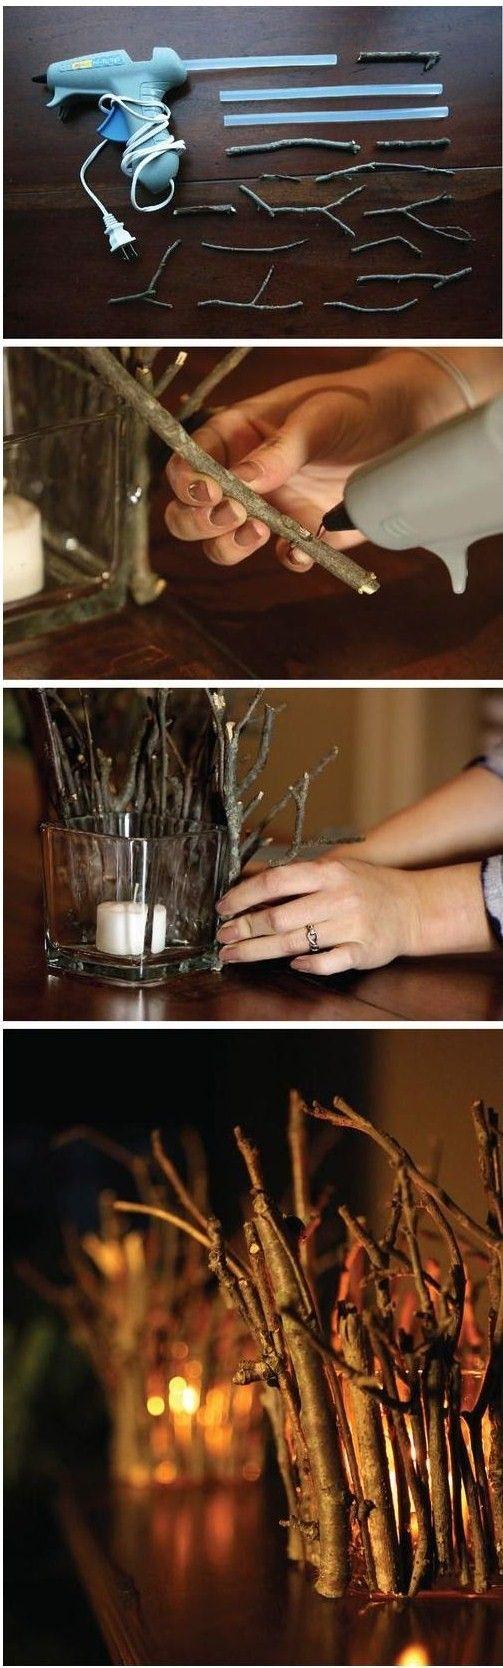 Maak je eigen kaars decoratie! Lijm de takken rondom de vaas, laat het lijm goed drogen. Zet de kaars in de vaas en zie hieronder het mooie resultaat! Je kunt het zowel binnen als buiten neerzetten!